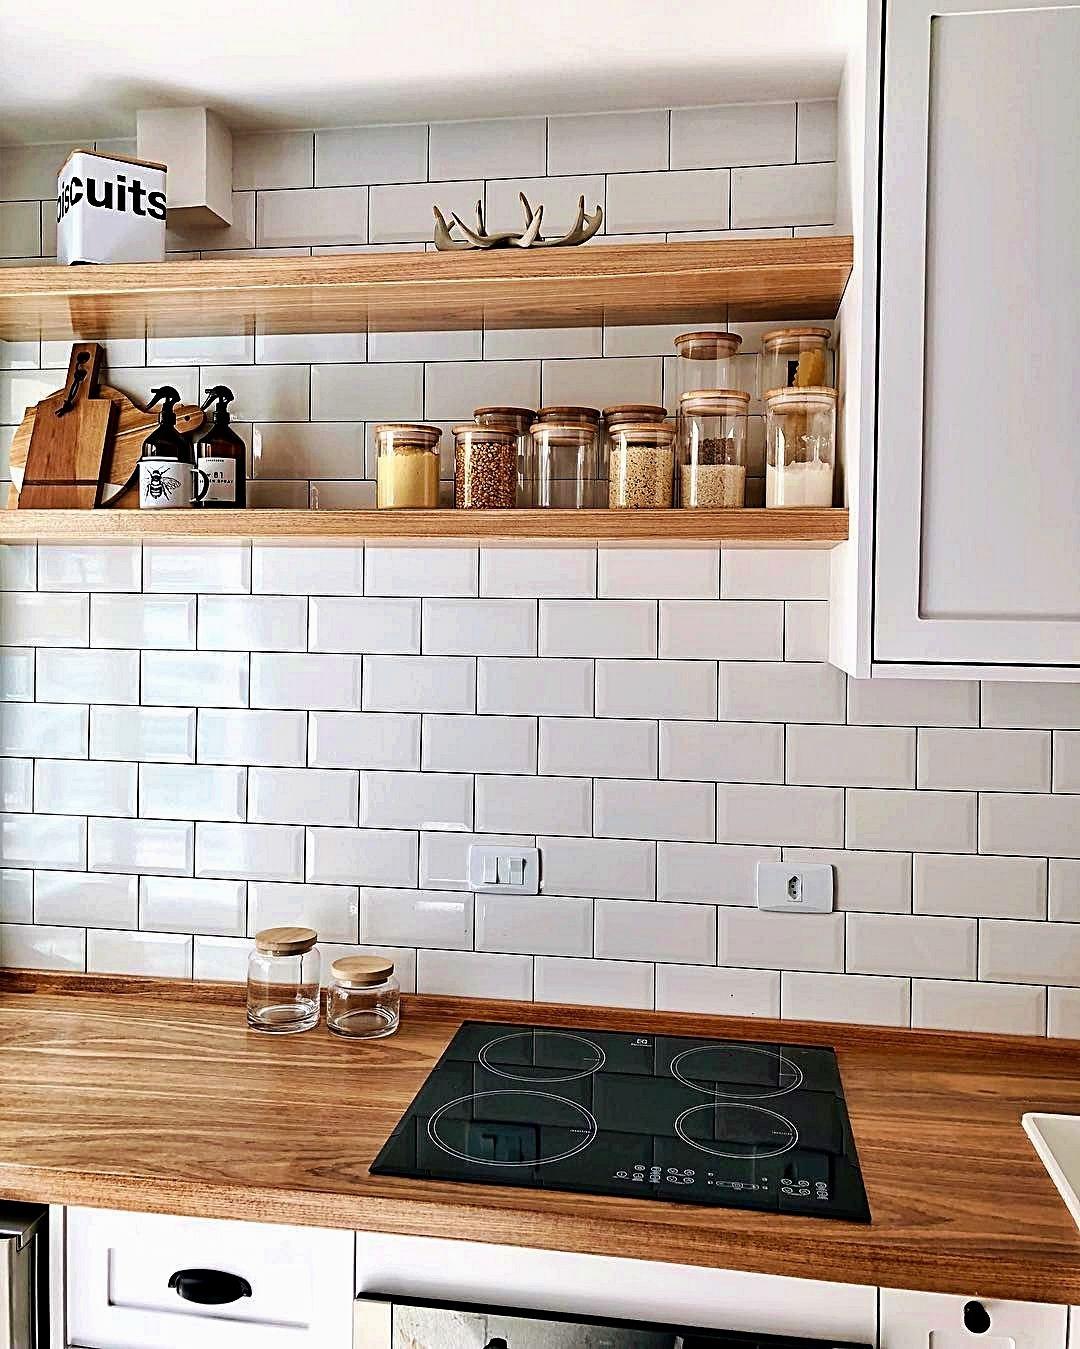 Modern Kitchen In A Historic Building Coco Lapine Design Kitchen Design Diy Kitchen Renovation Kitchen Design Styles